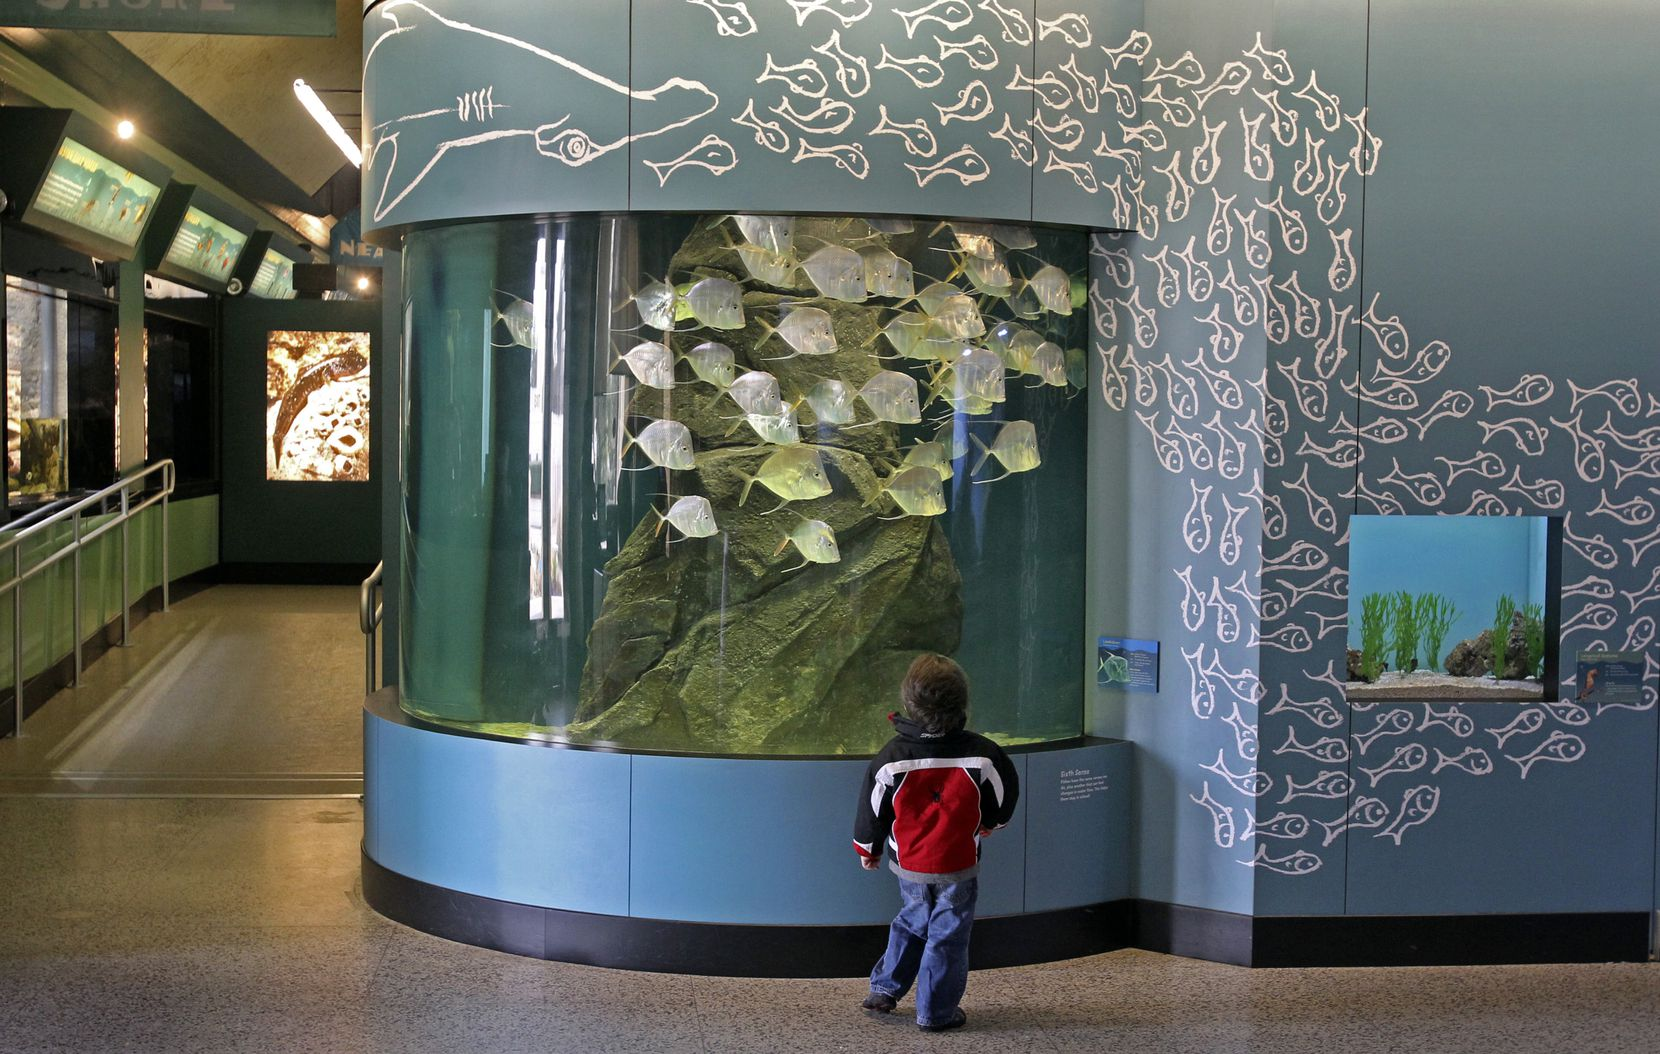 La ciudad anunció el cierre definitivo del Children's Aquarium en Fair Park